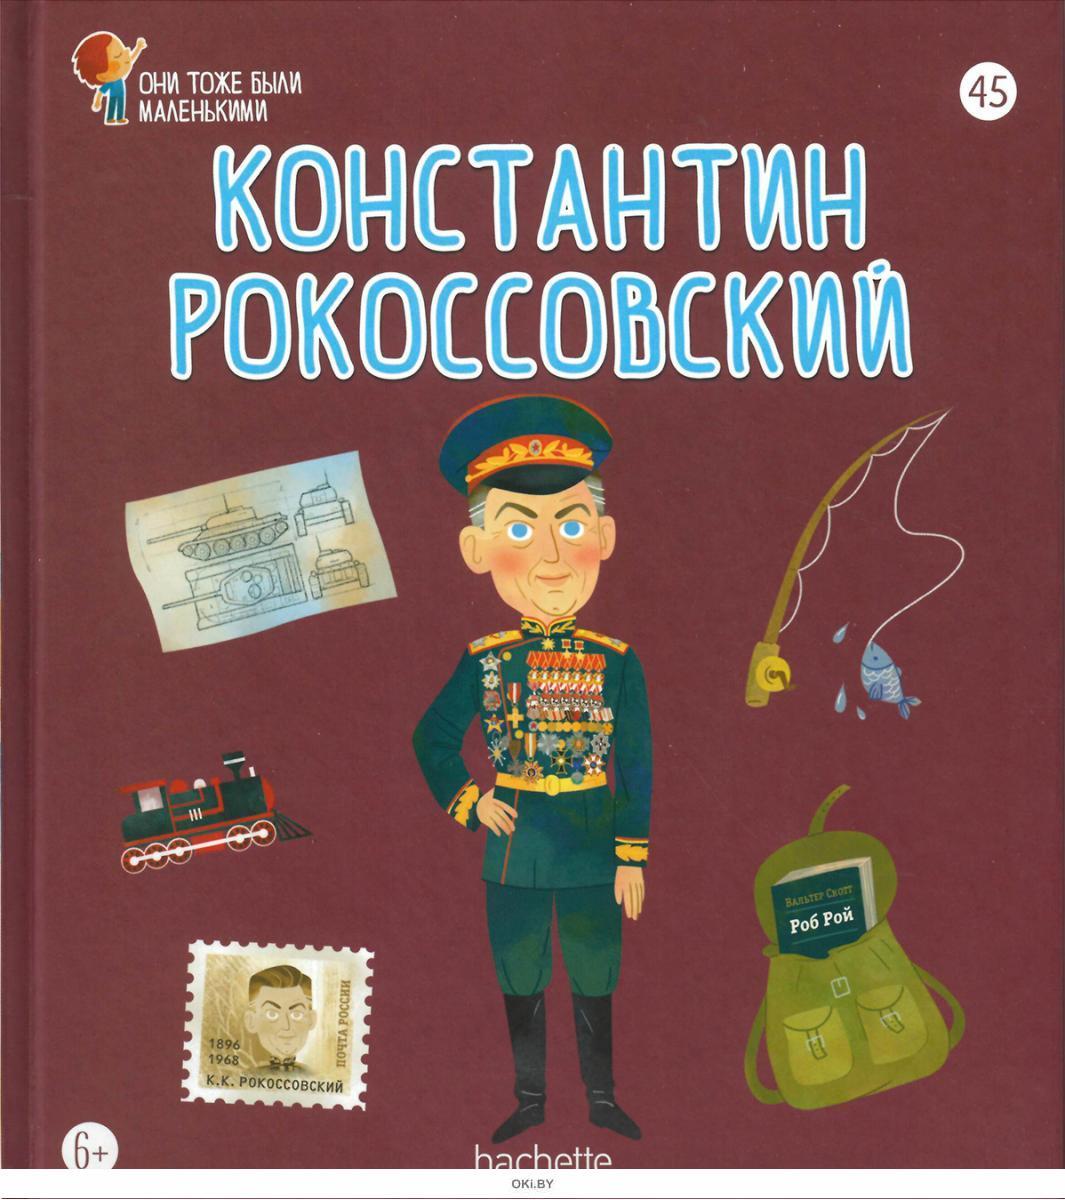 ОНИ ТОЖЕ БЫЛИ МАЛЕНЬКИМИ № 45. Константин Рокоссовский